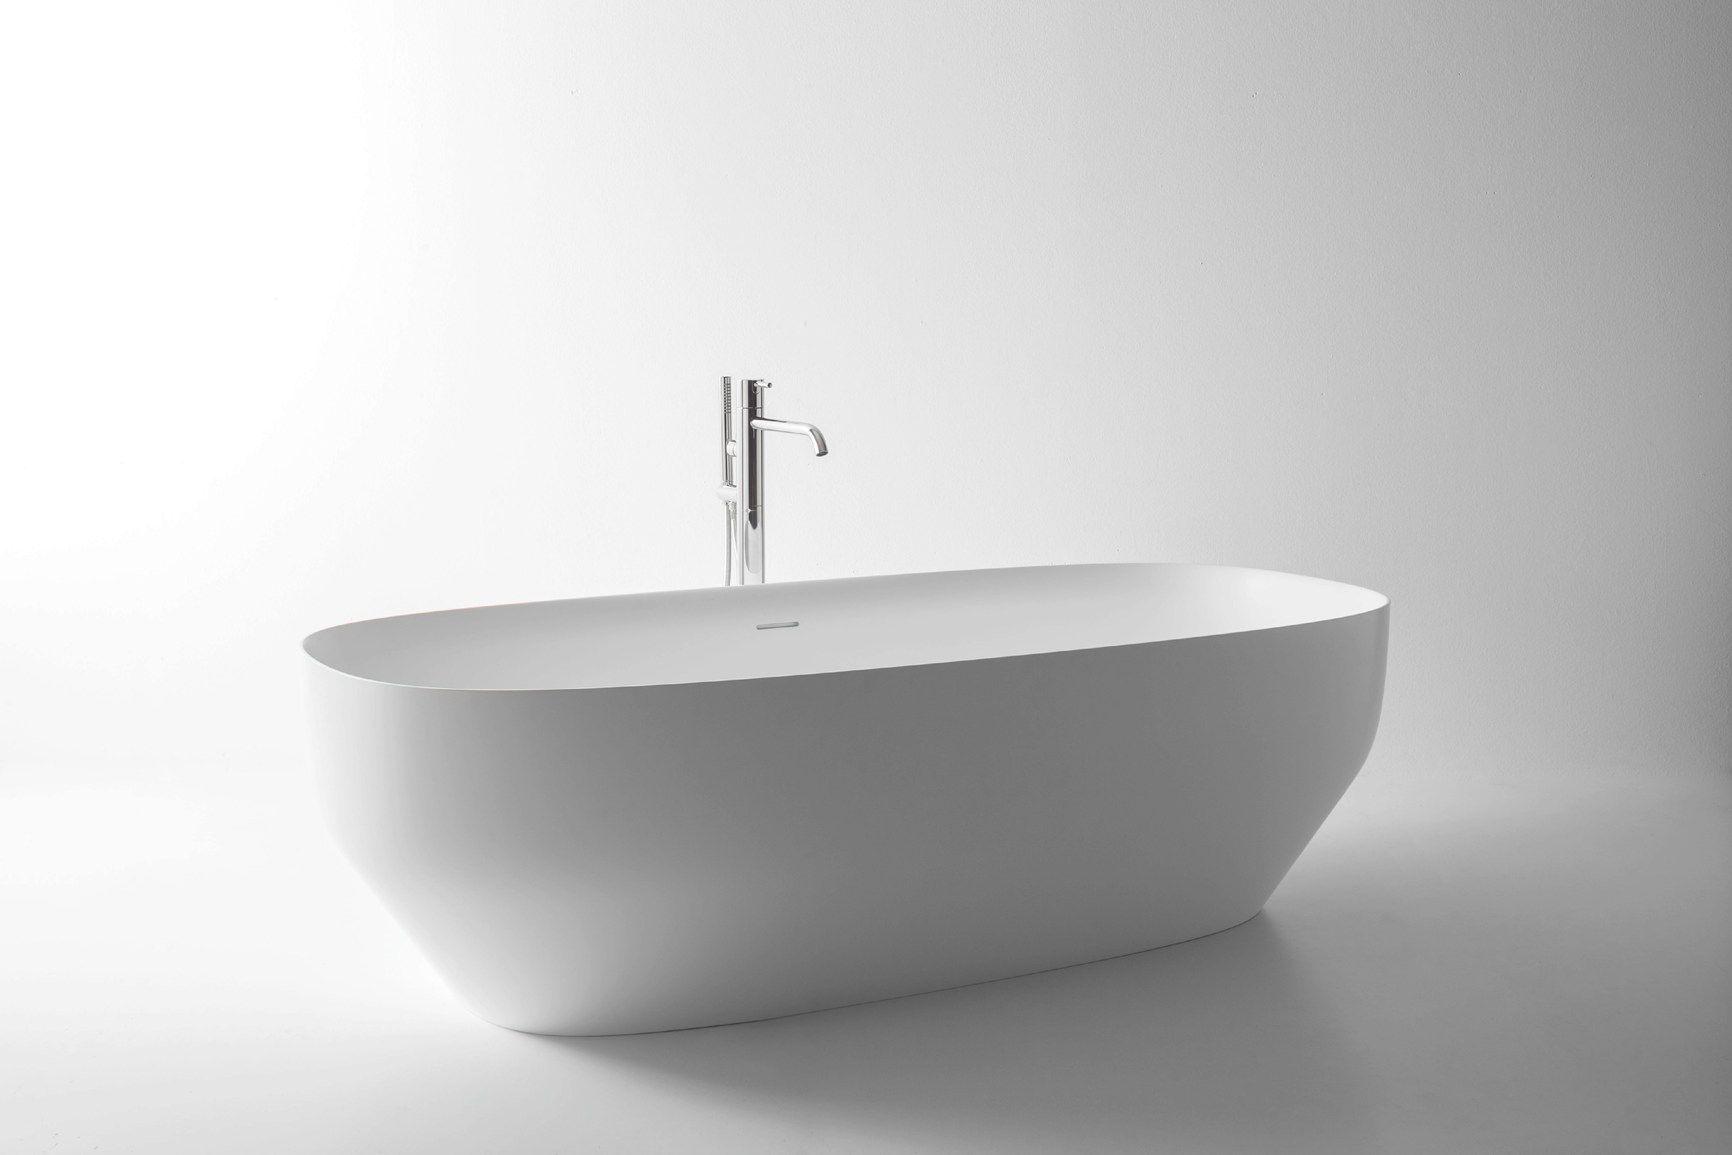 Lavabi Bagno In Vetroresina.Il Total Bathroom Di Antoniolupi Vasca E Lavabo Ago